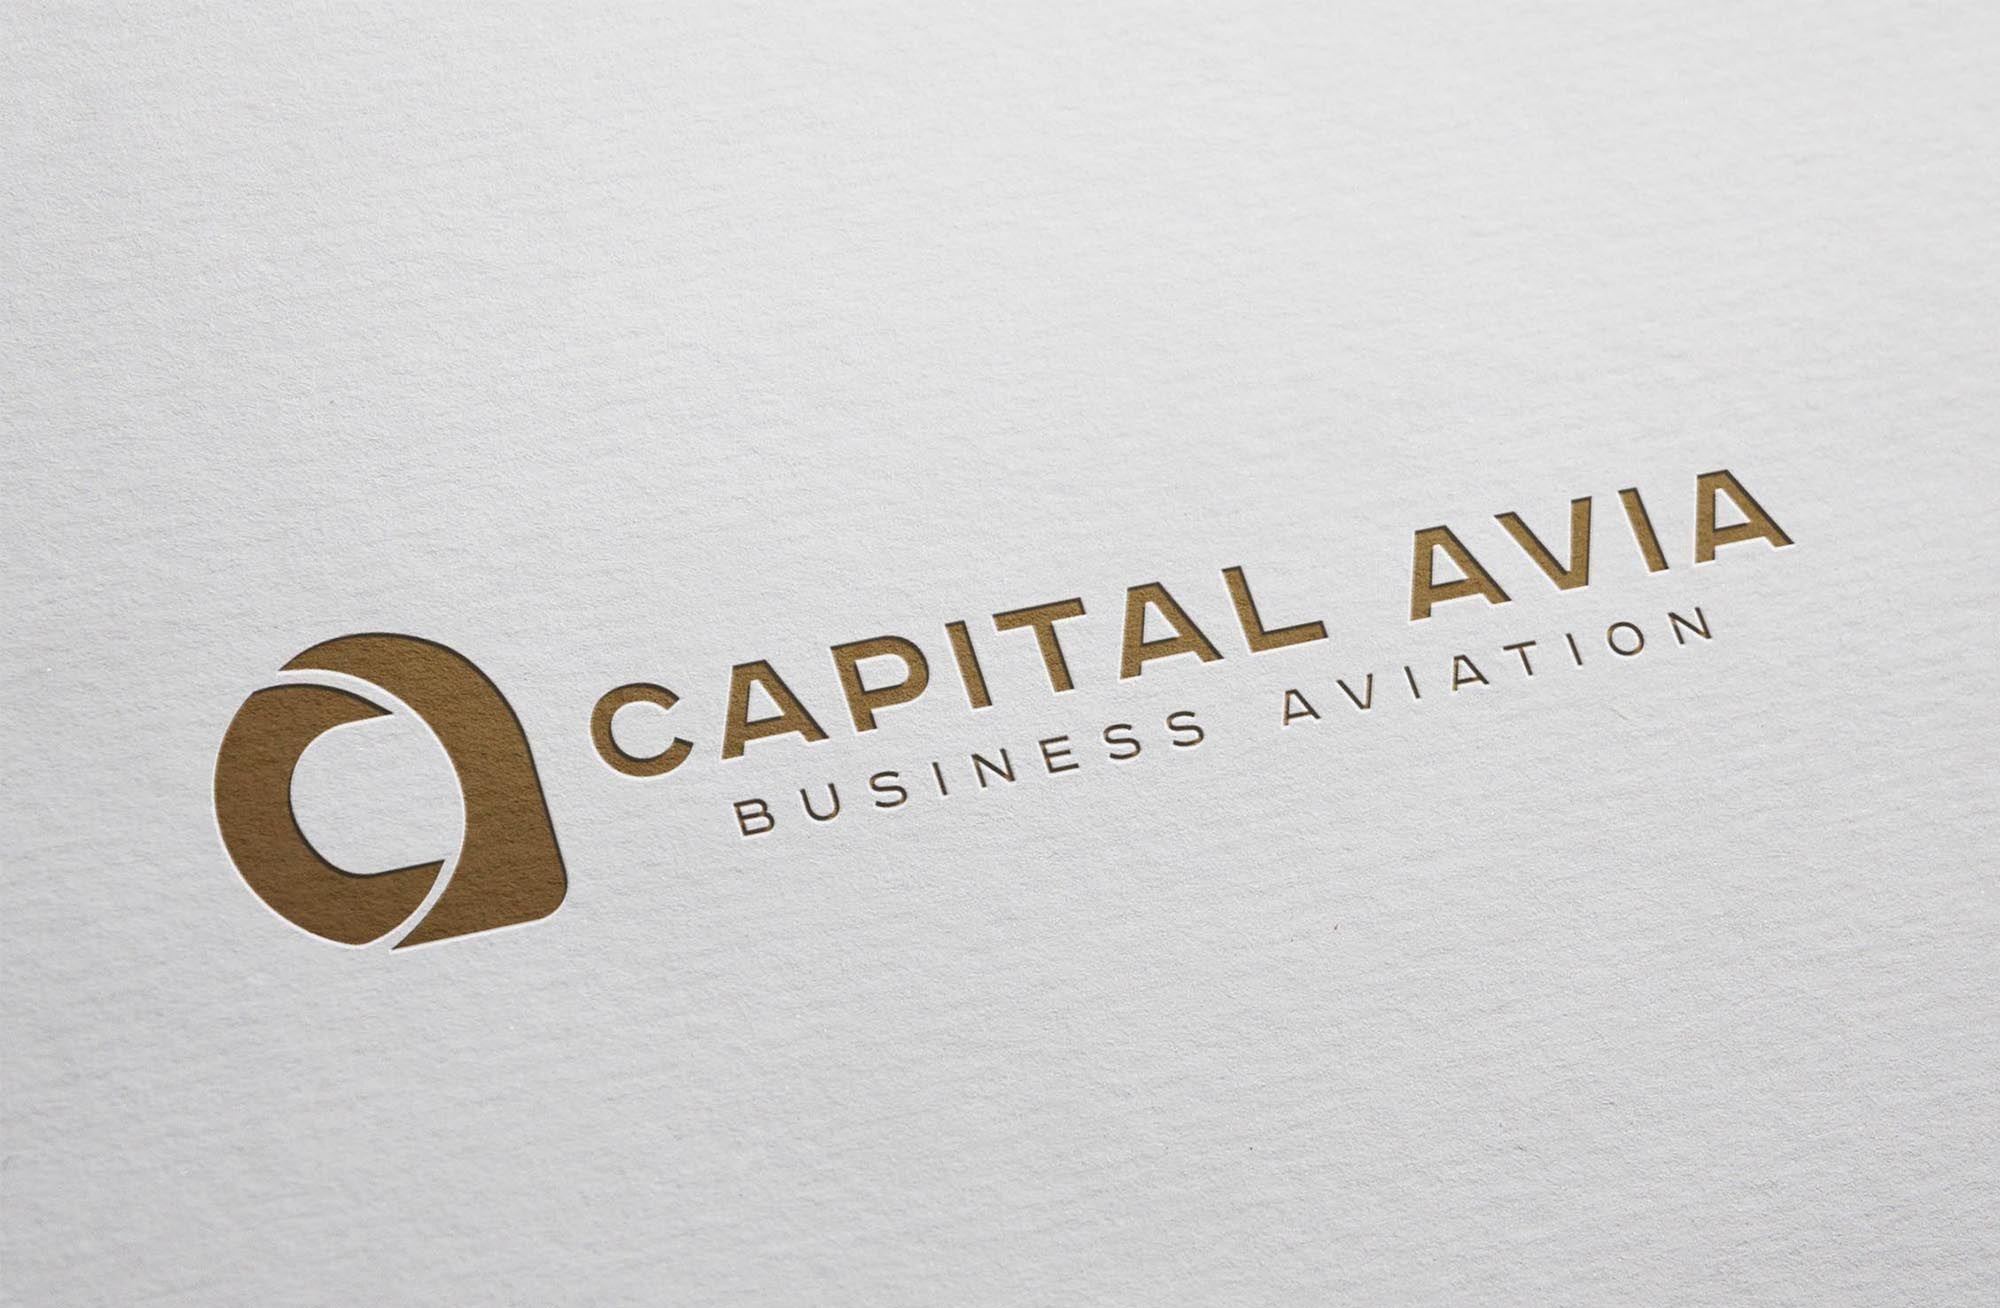 Логотип для Капитал Авиа, Capital Avia - дизайнер SmolinDenis